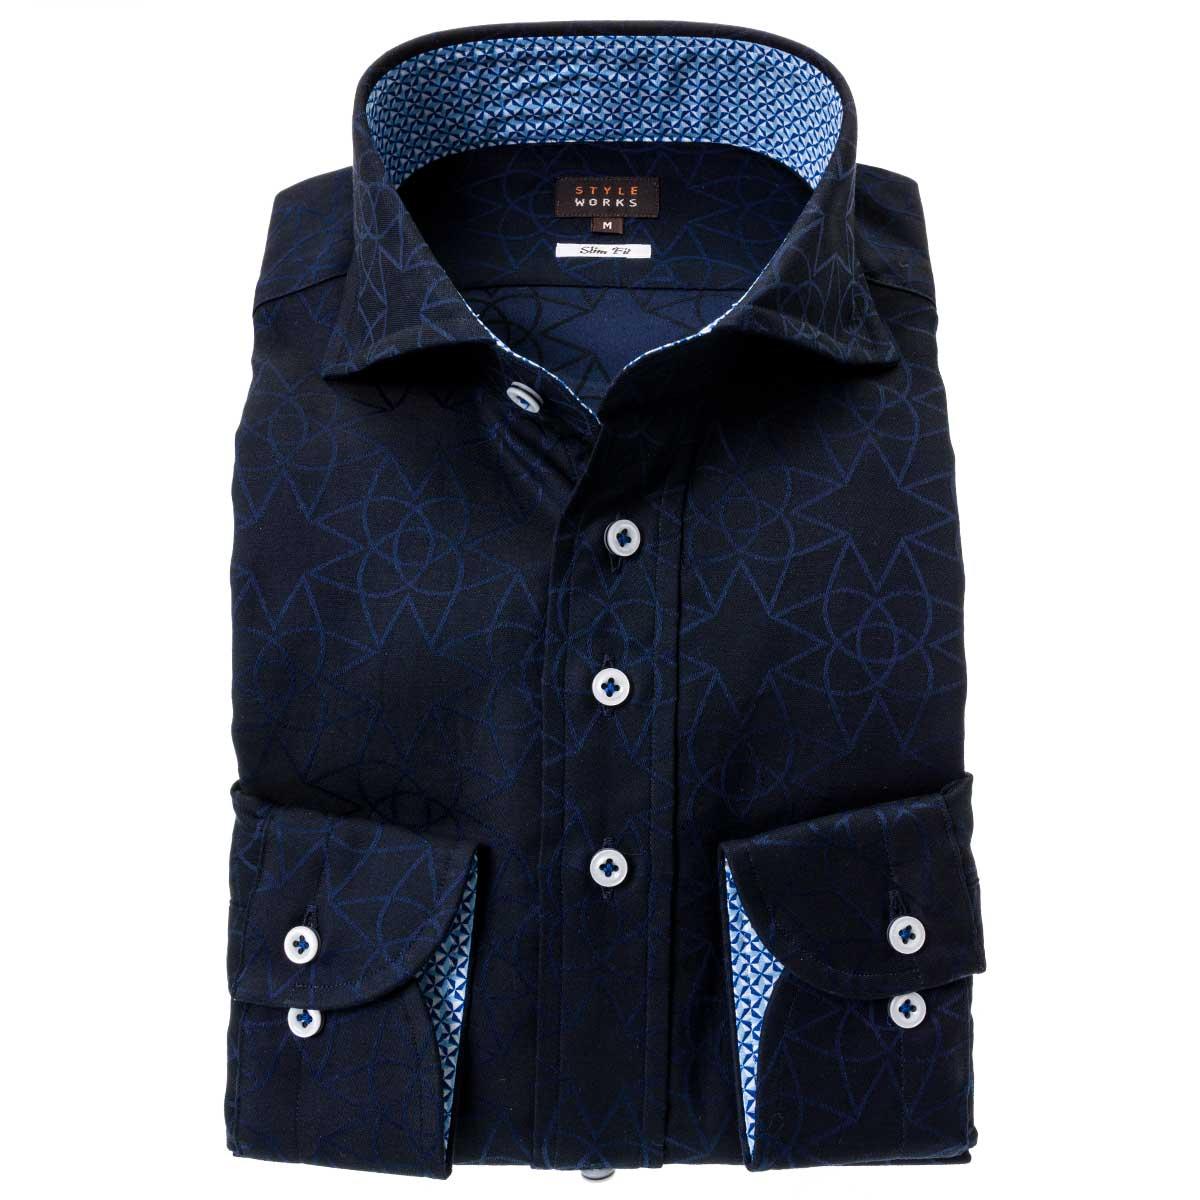 価格交渉OK送料無料 クールな幾何柄のジャガードシャツ 国産長袖綿100%ドレスシャツ スリムフィット カッタウェイワイドカラー 販売 2109_rwd ジャガード織柄 幾何柄 ダークネイビー